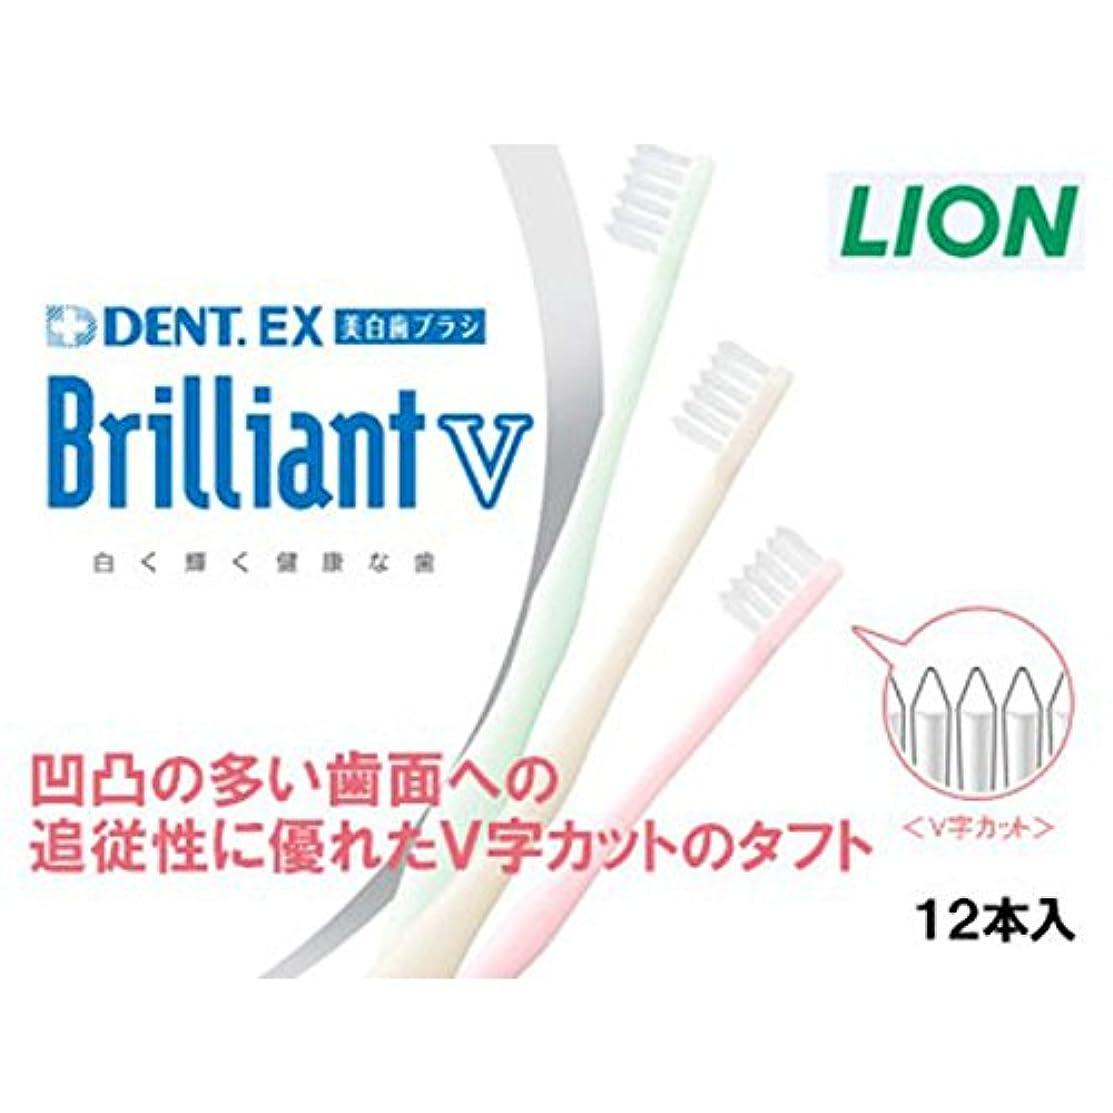 独創的ミットケーブルカーライオン ブリリアントV 歯ブラシ DENT.EX BrilliantV 12本